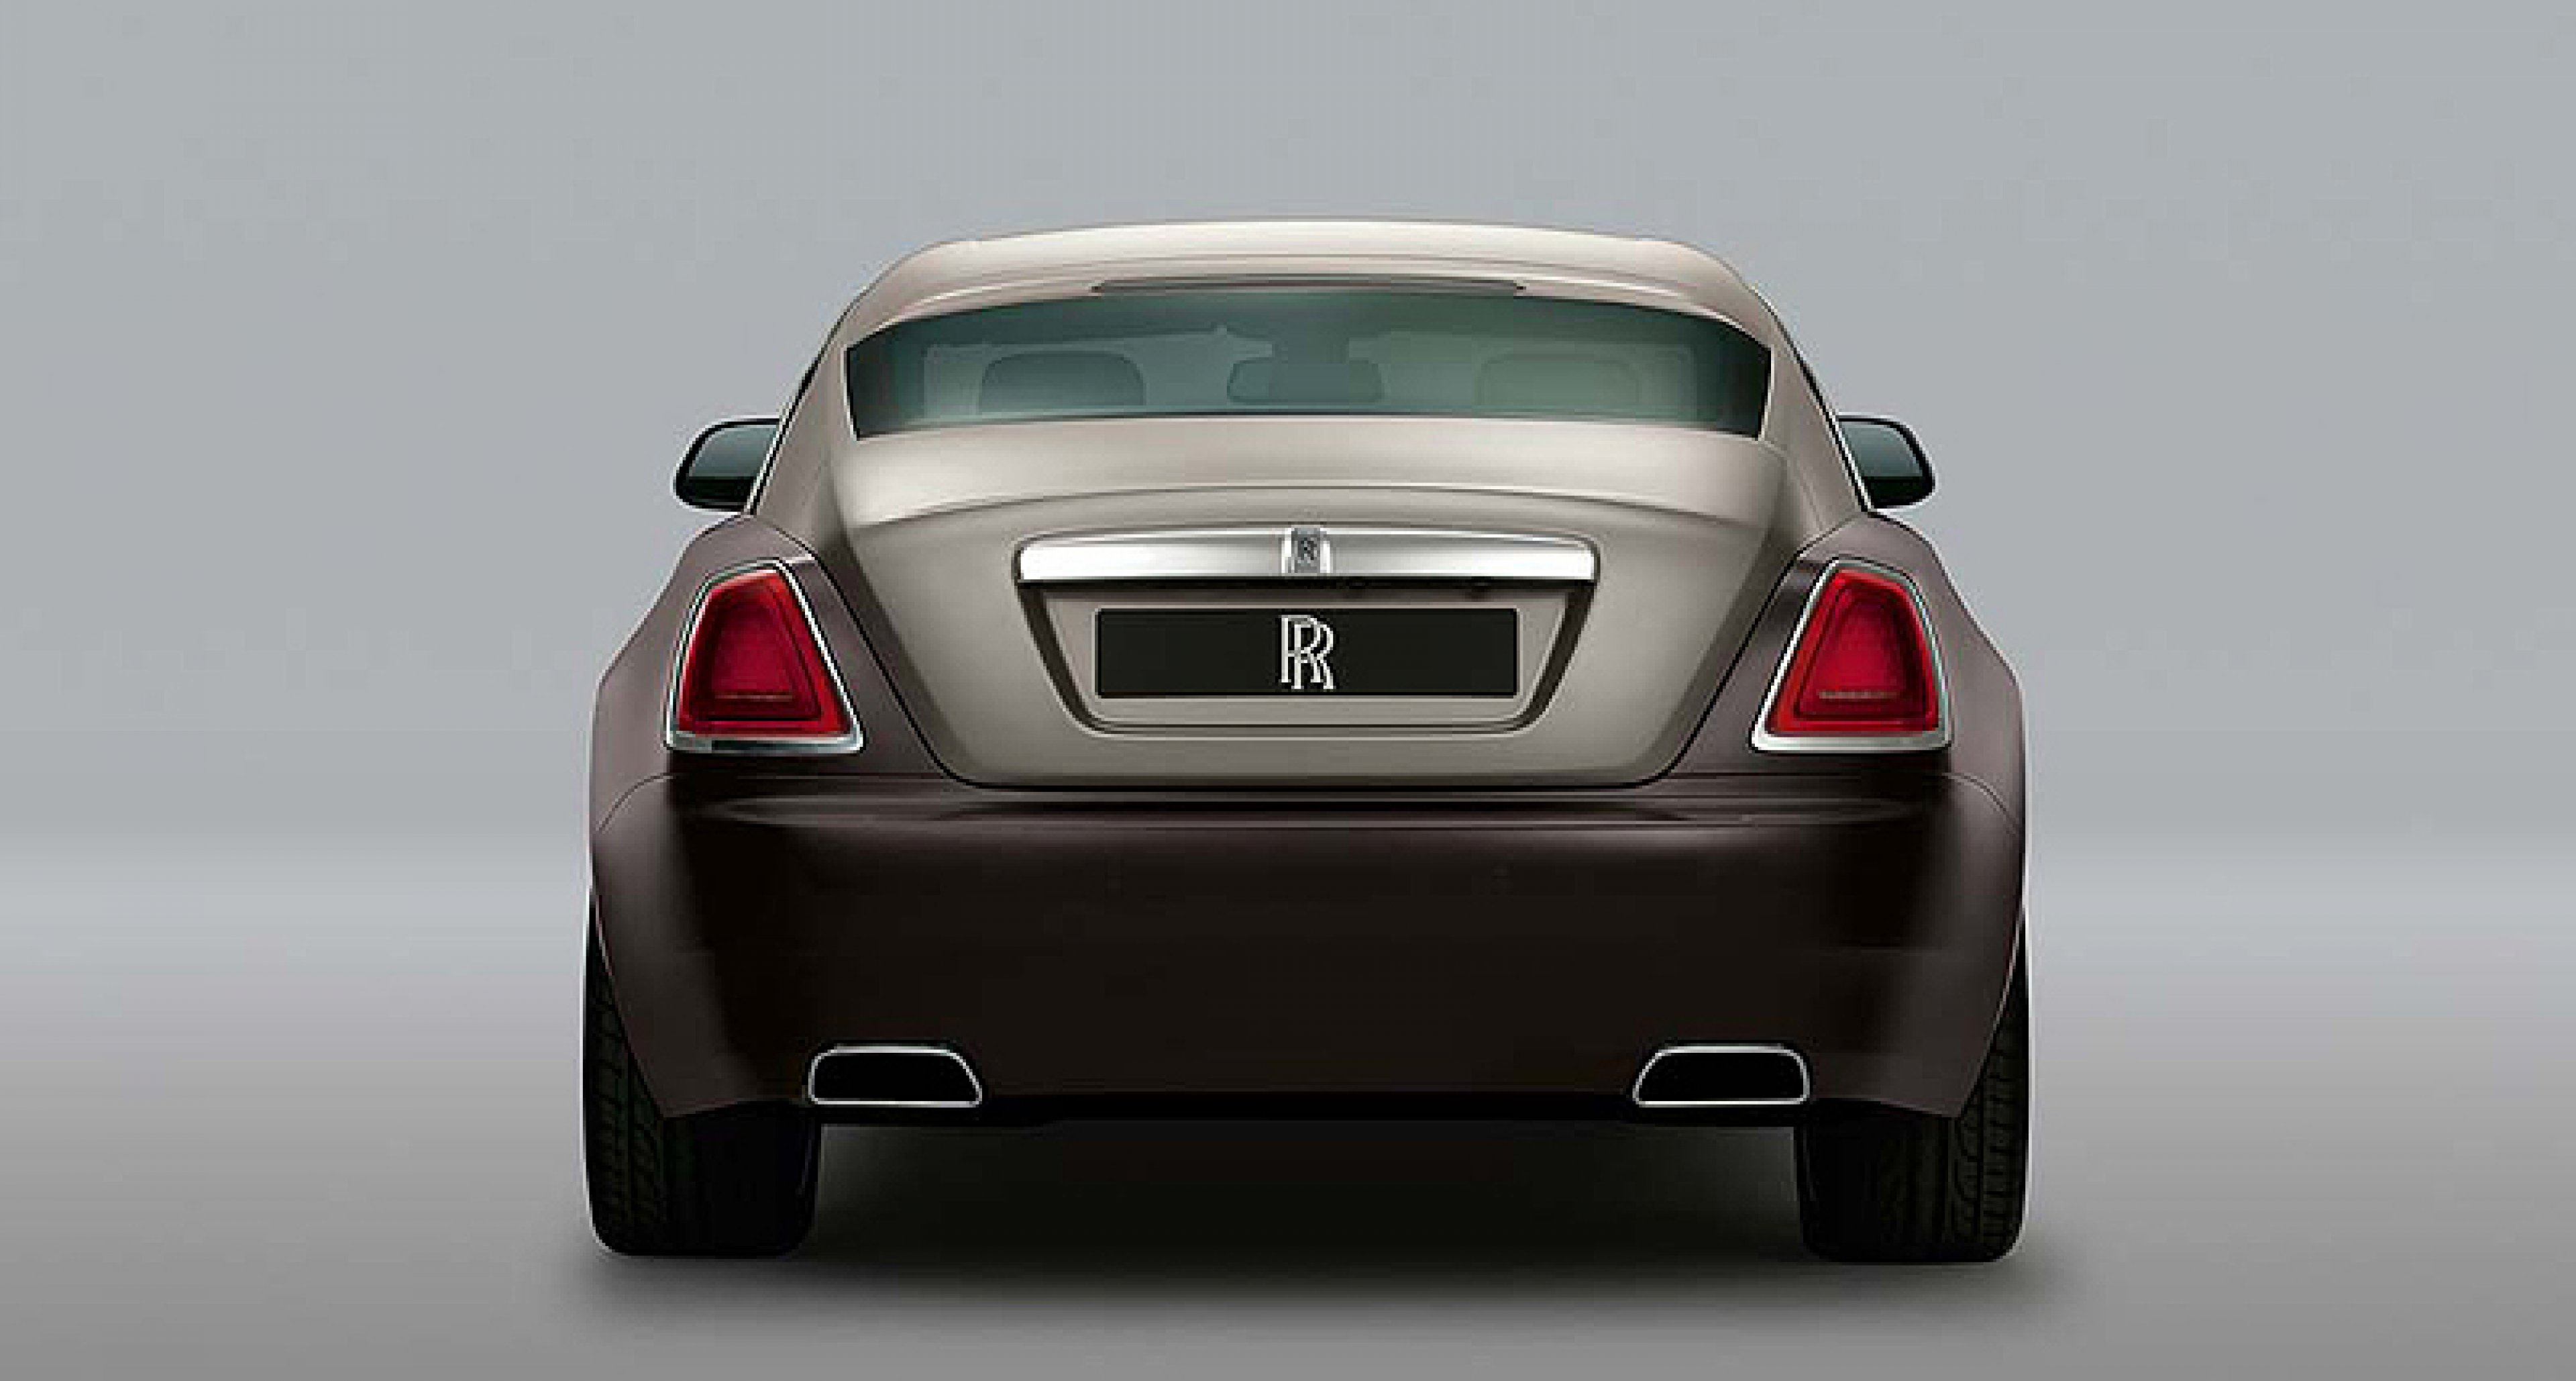 Rolls-Royce Wraith: Fastest Rolls ever